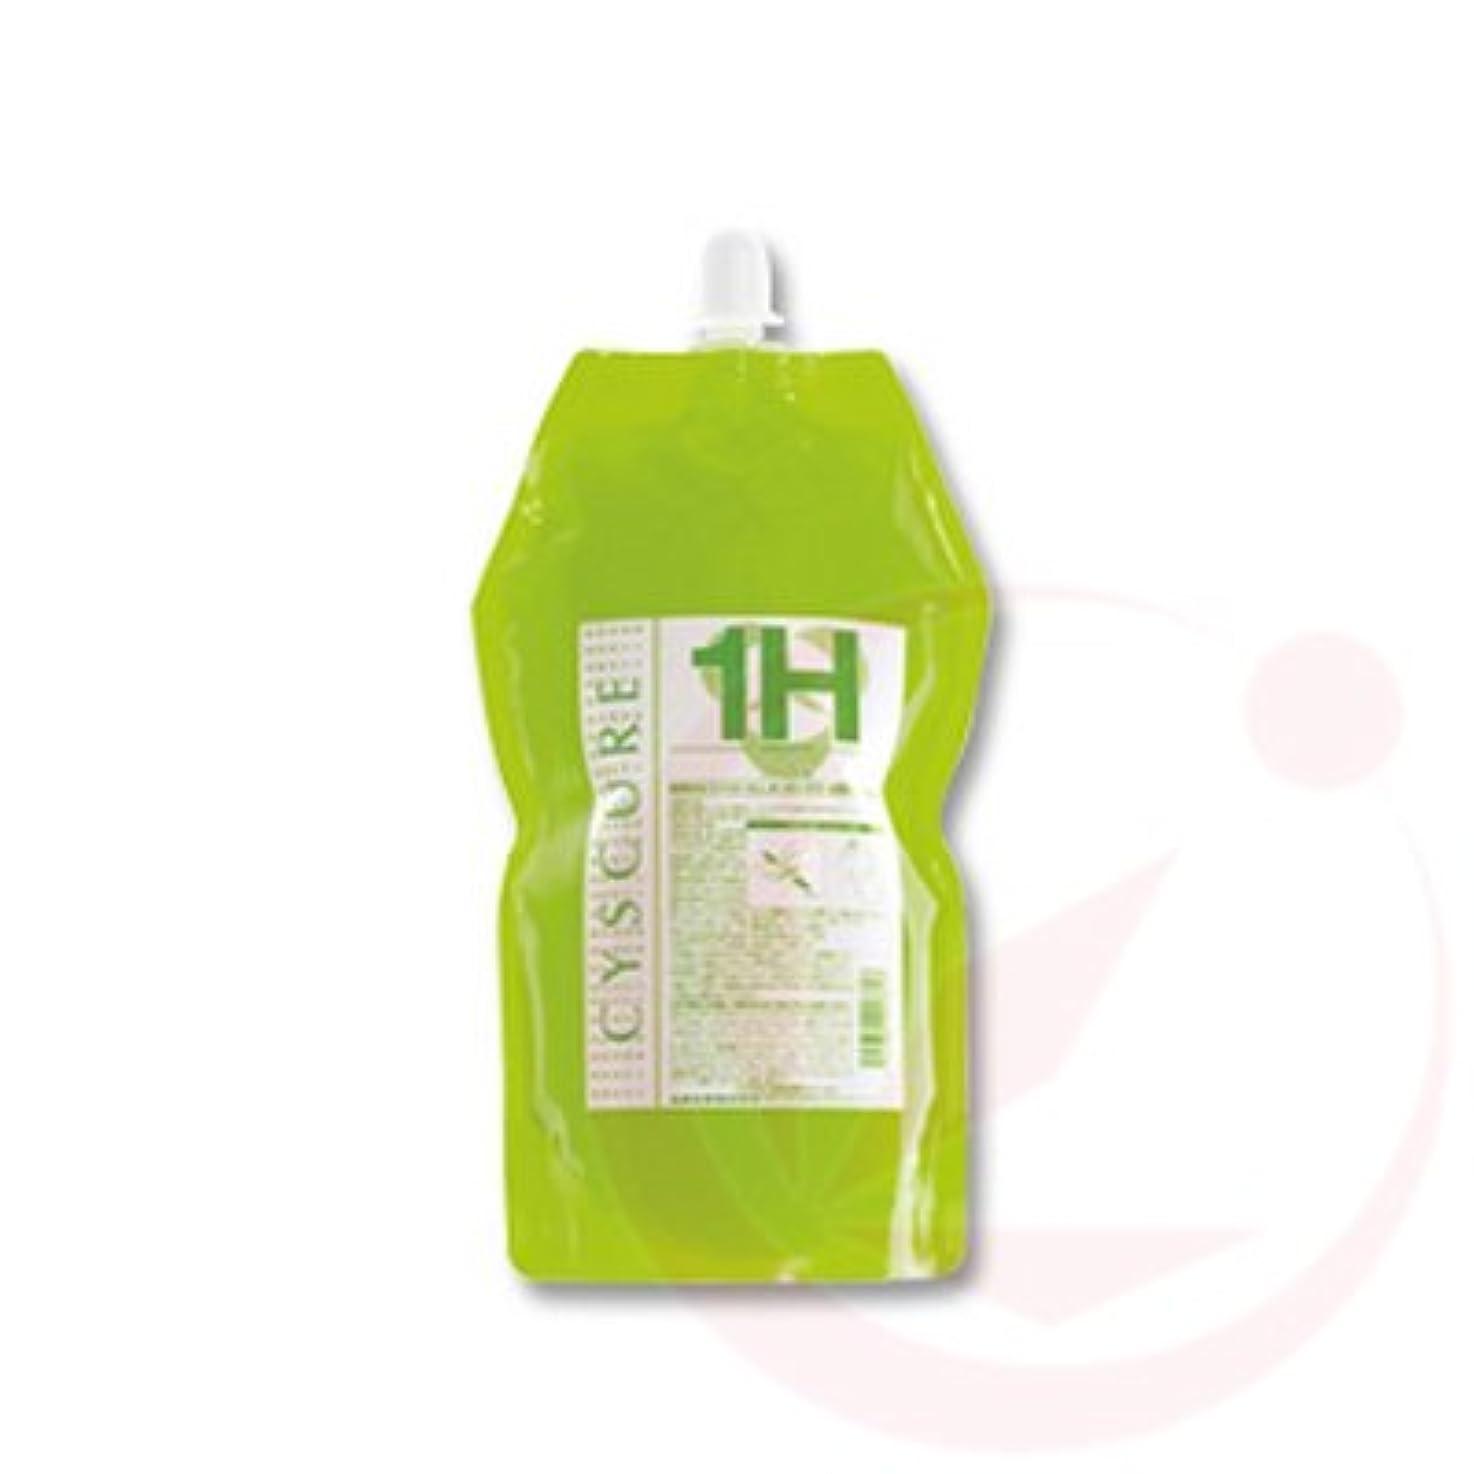 タマリス シスキュア1H 1000g (パーマ剤/1剤)